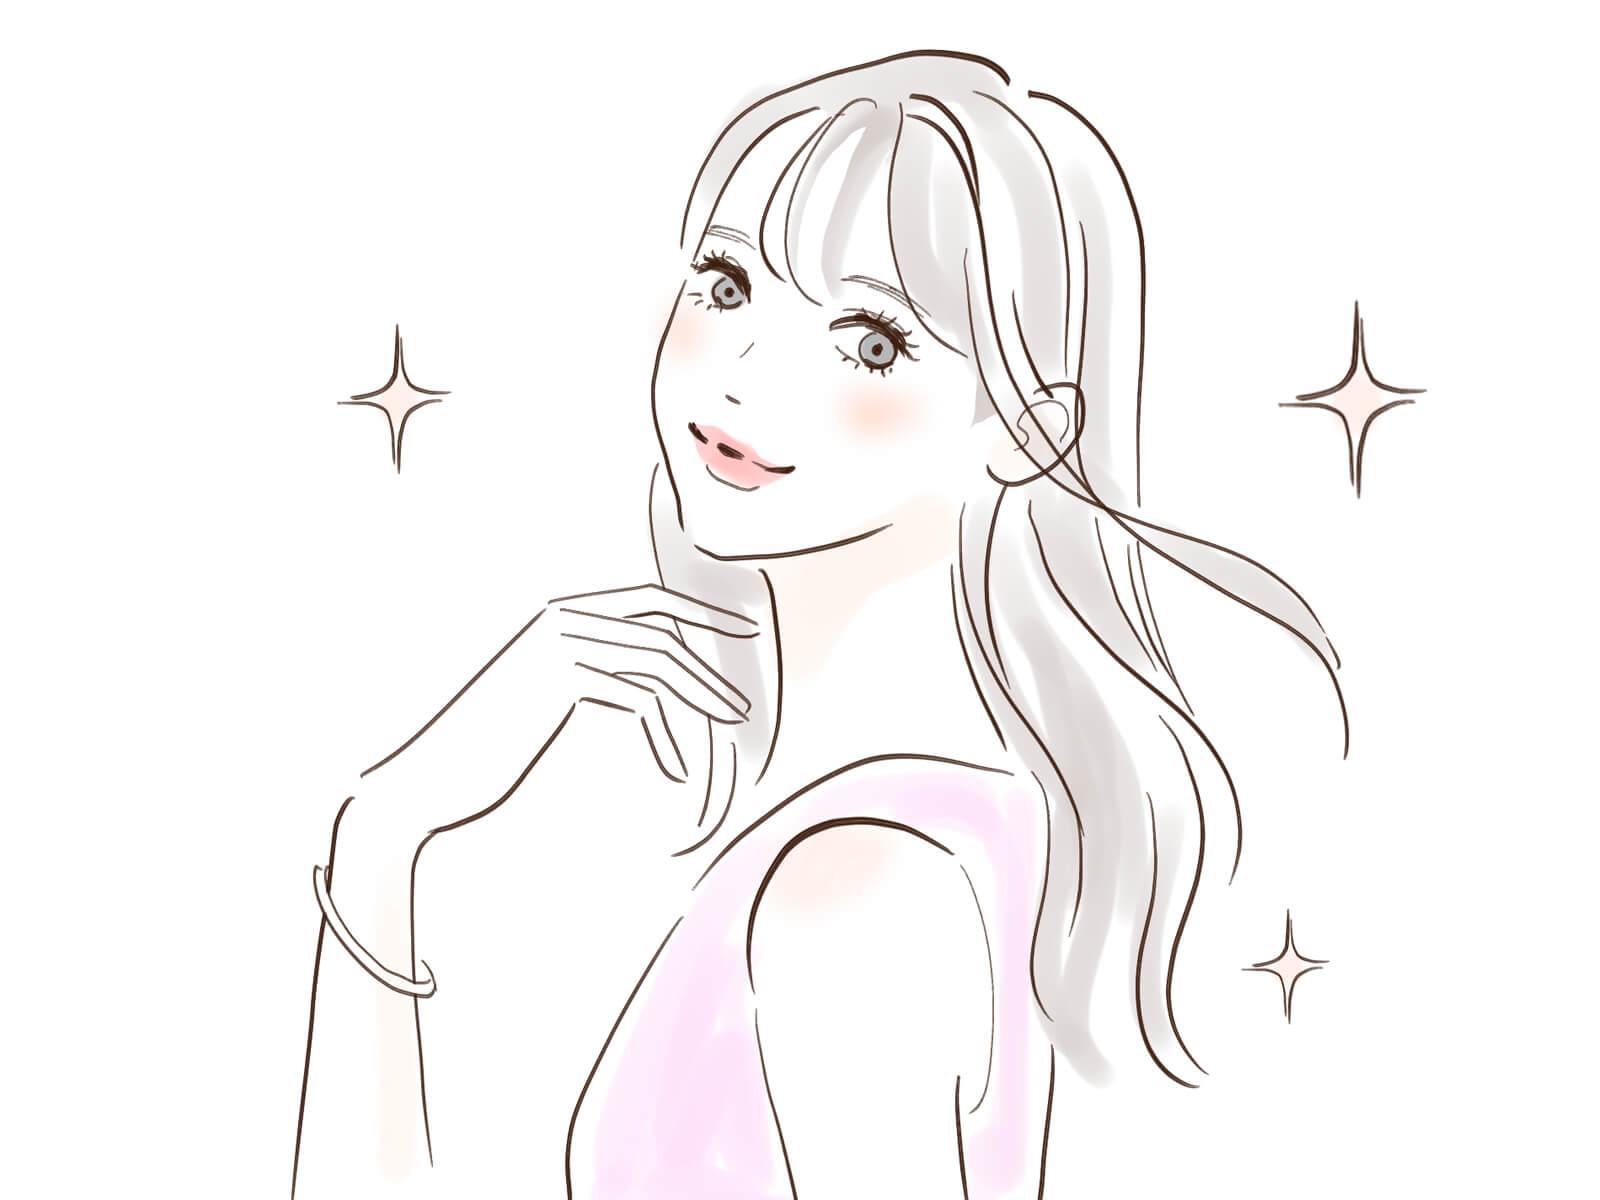 サラツヤ髪をなびかせる女性のイラスト